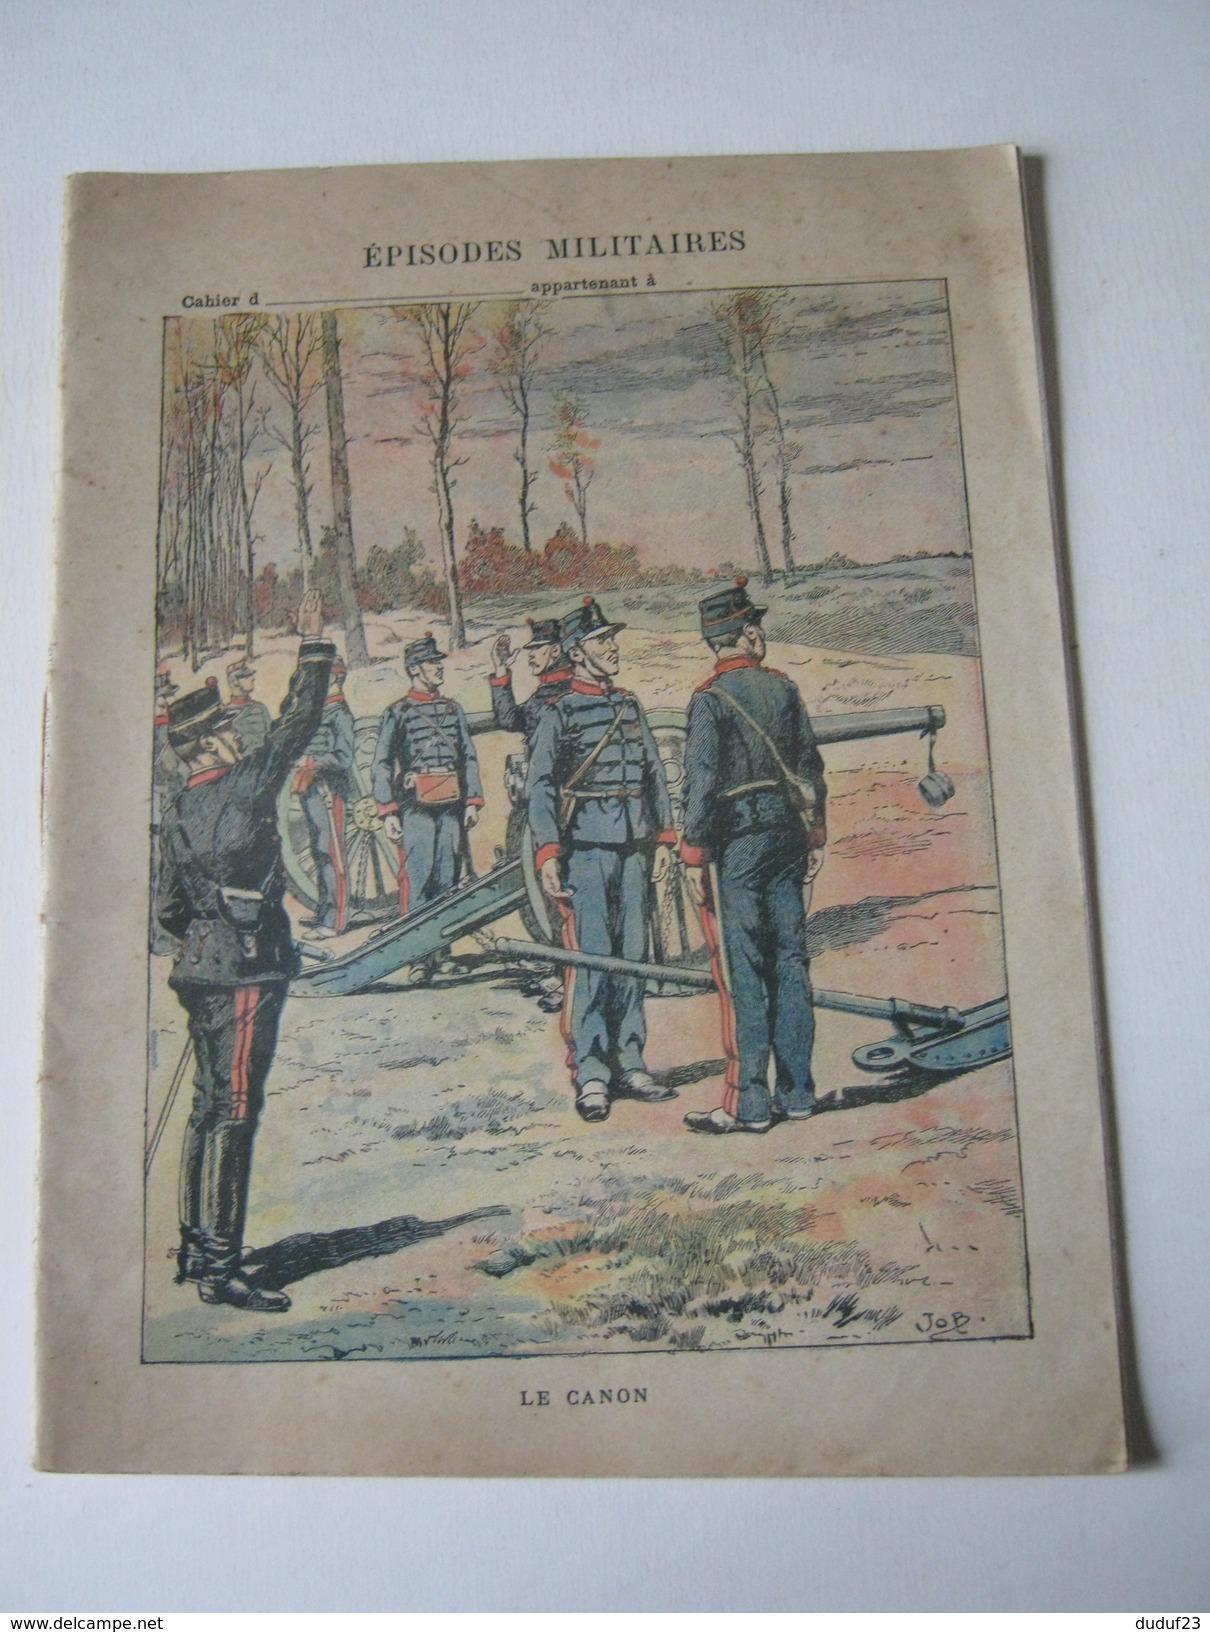 CAHIER ECOLE 1903 ENTIEREMENT ECRIT EPISODES MILITAIRES LE CANON Imp CHARAIRE Dessin  JOB - Kids